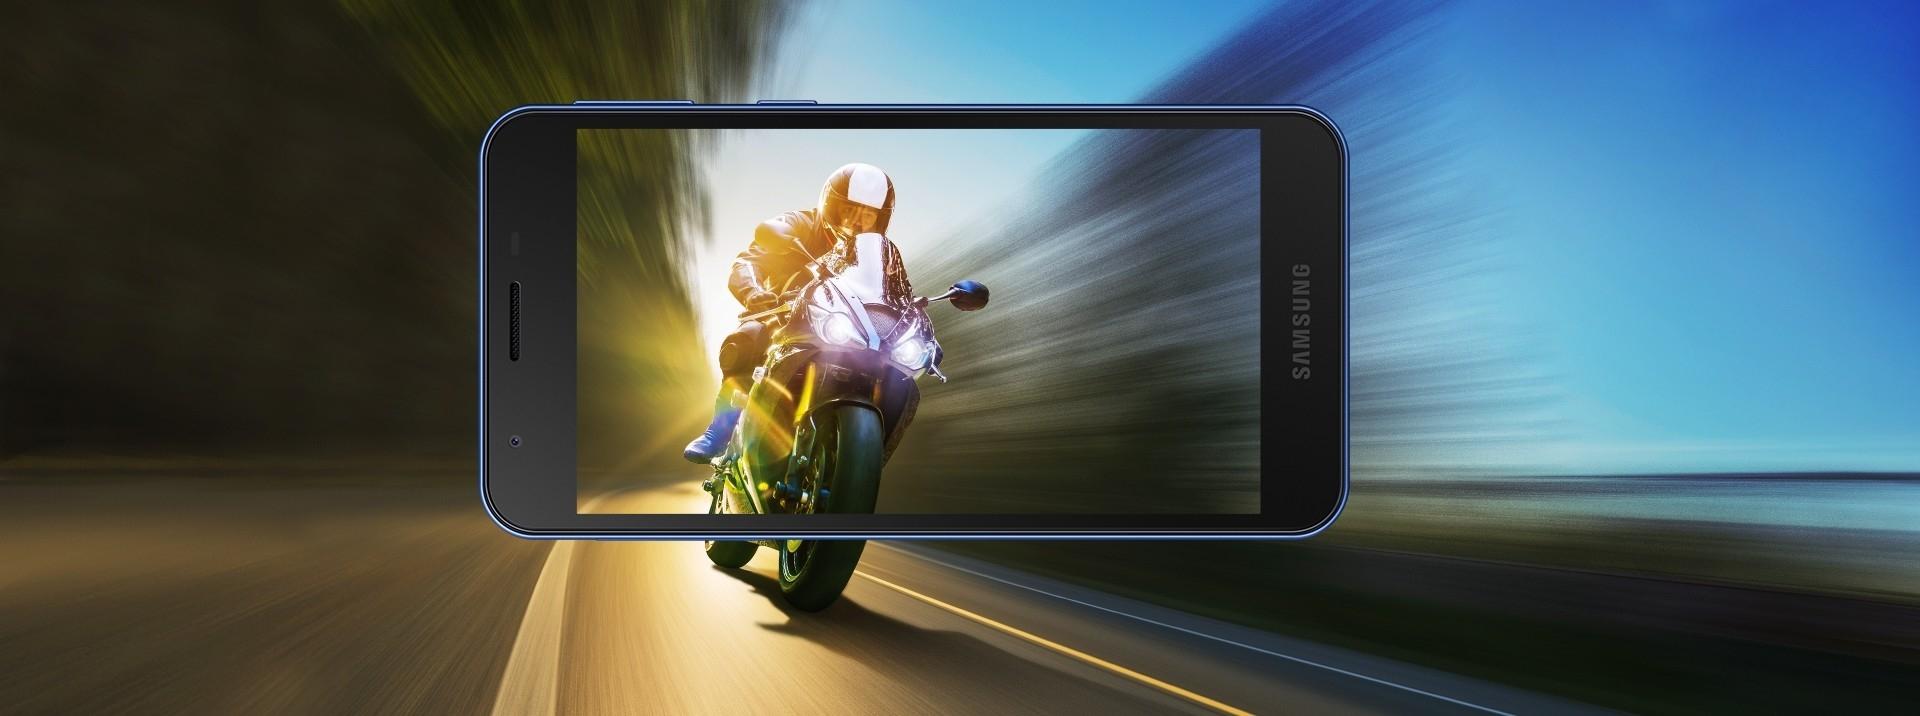 Samsung Galaxy A2 Core Exynos Octa Core Processor